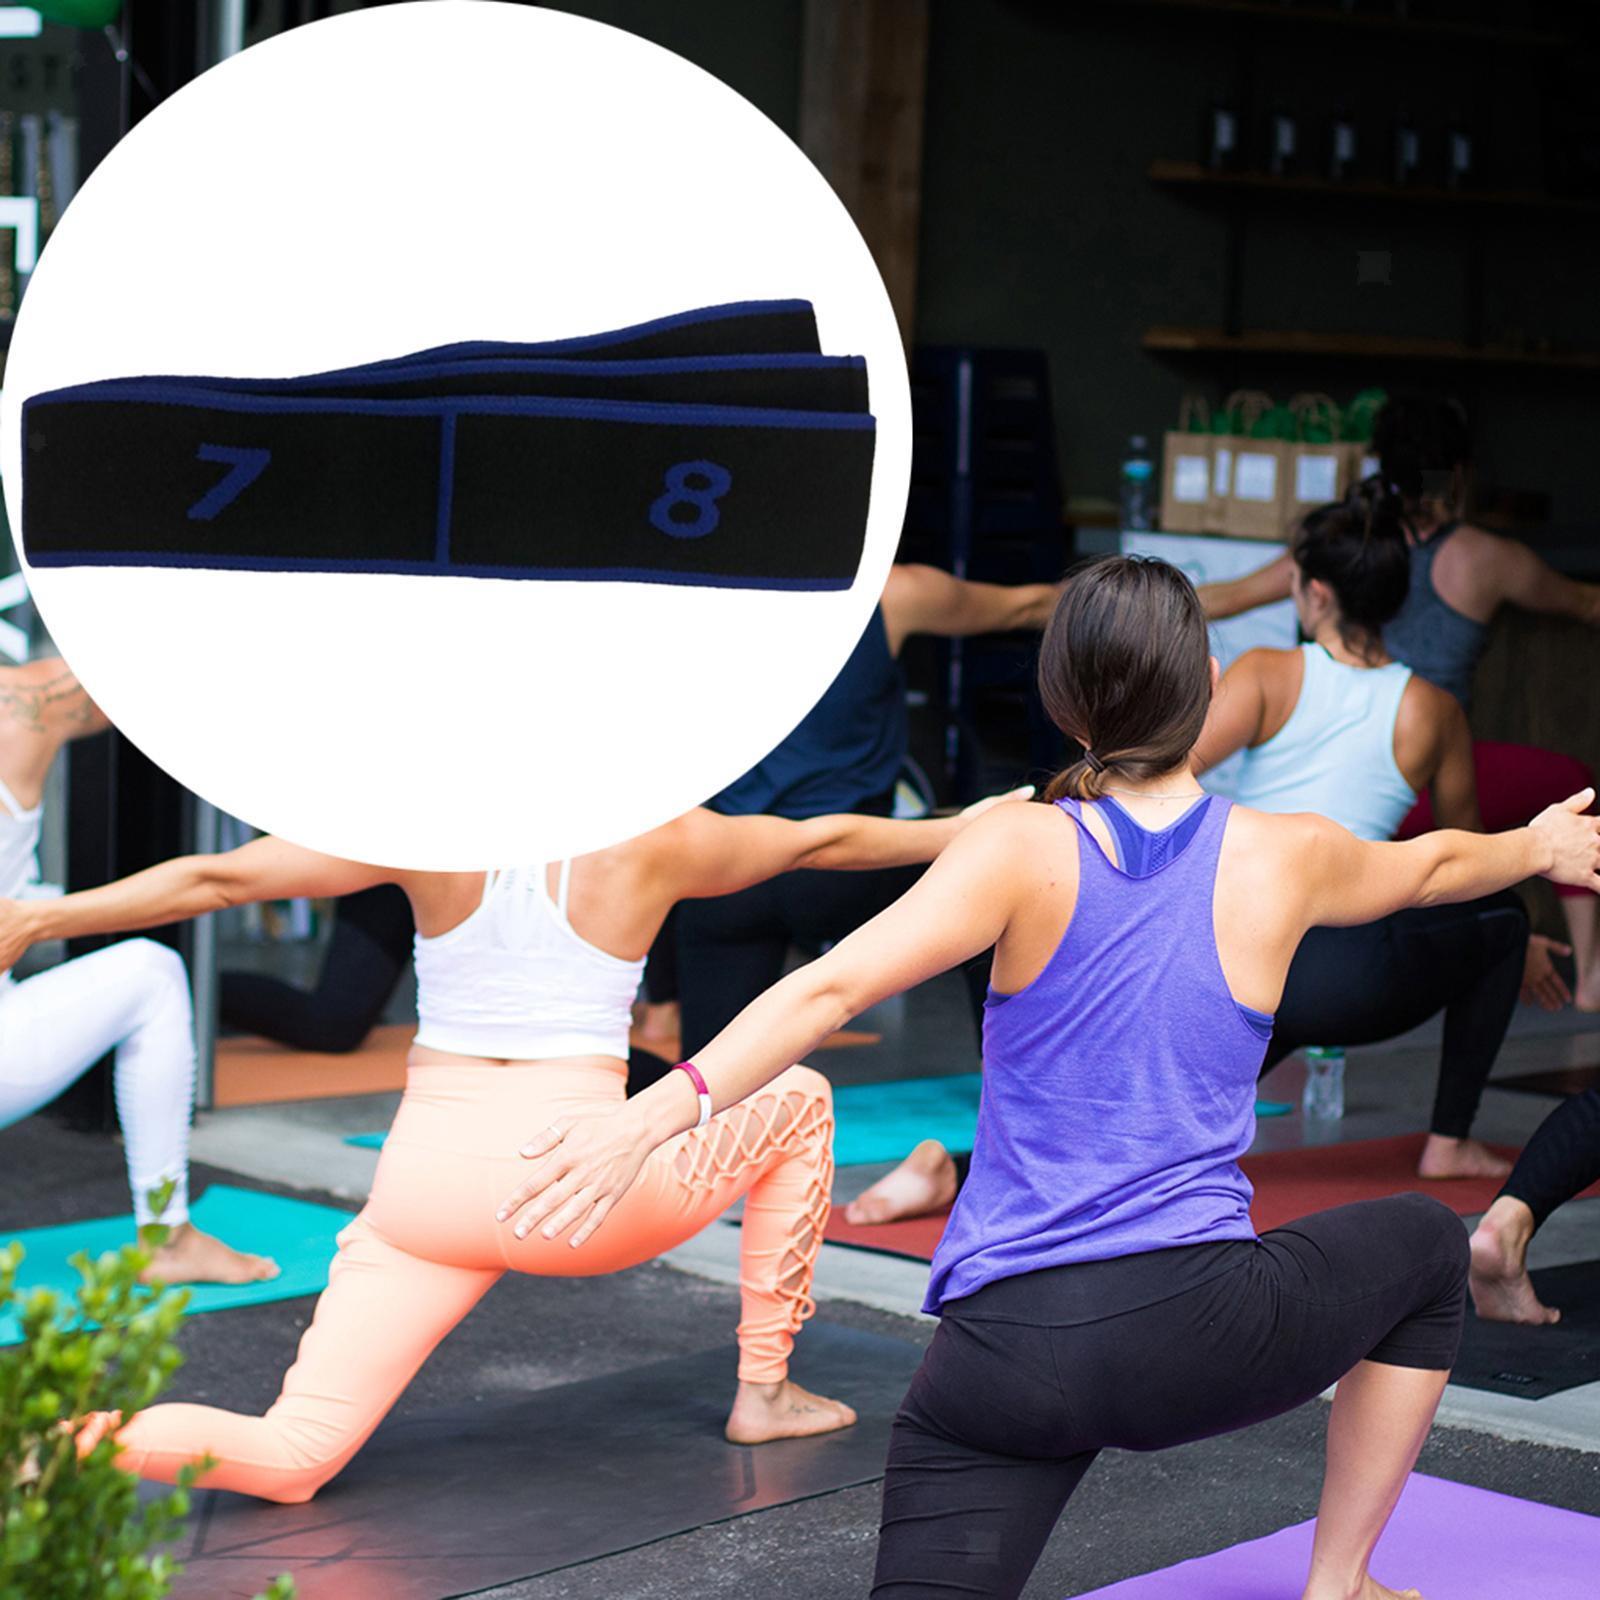 miniatura 3 - Premium yoga Strap 90cm elástico stretchband Dance prorrogado